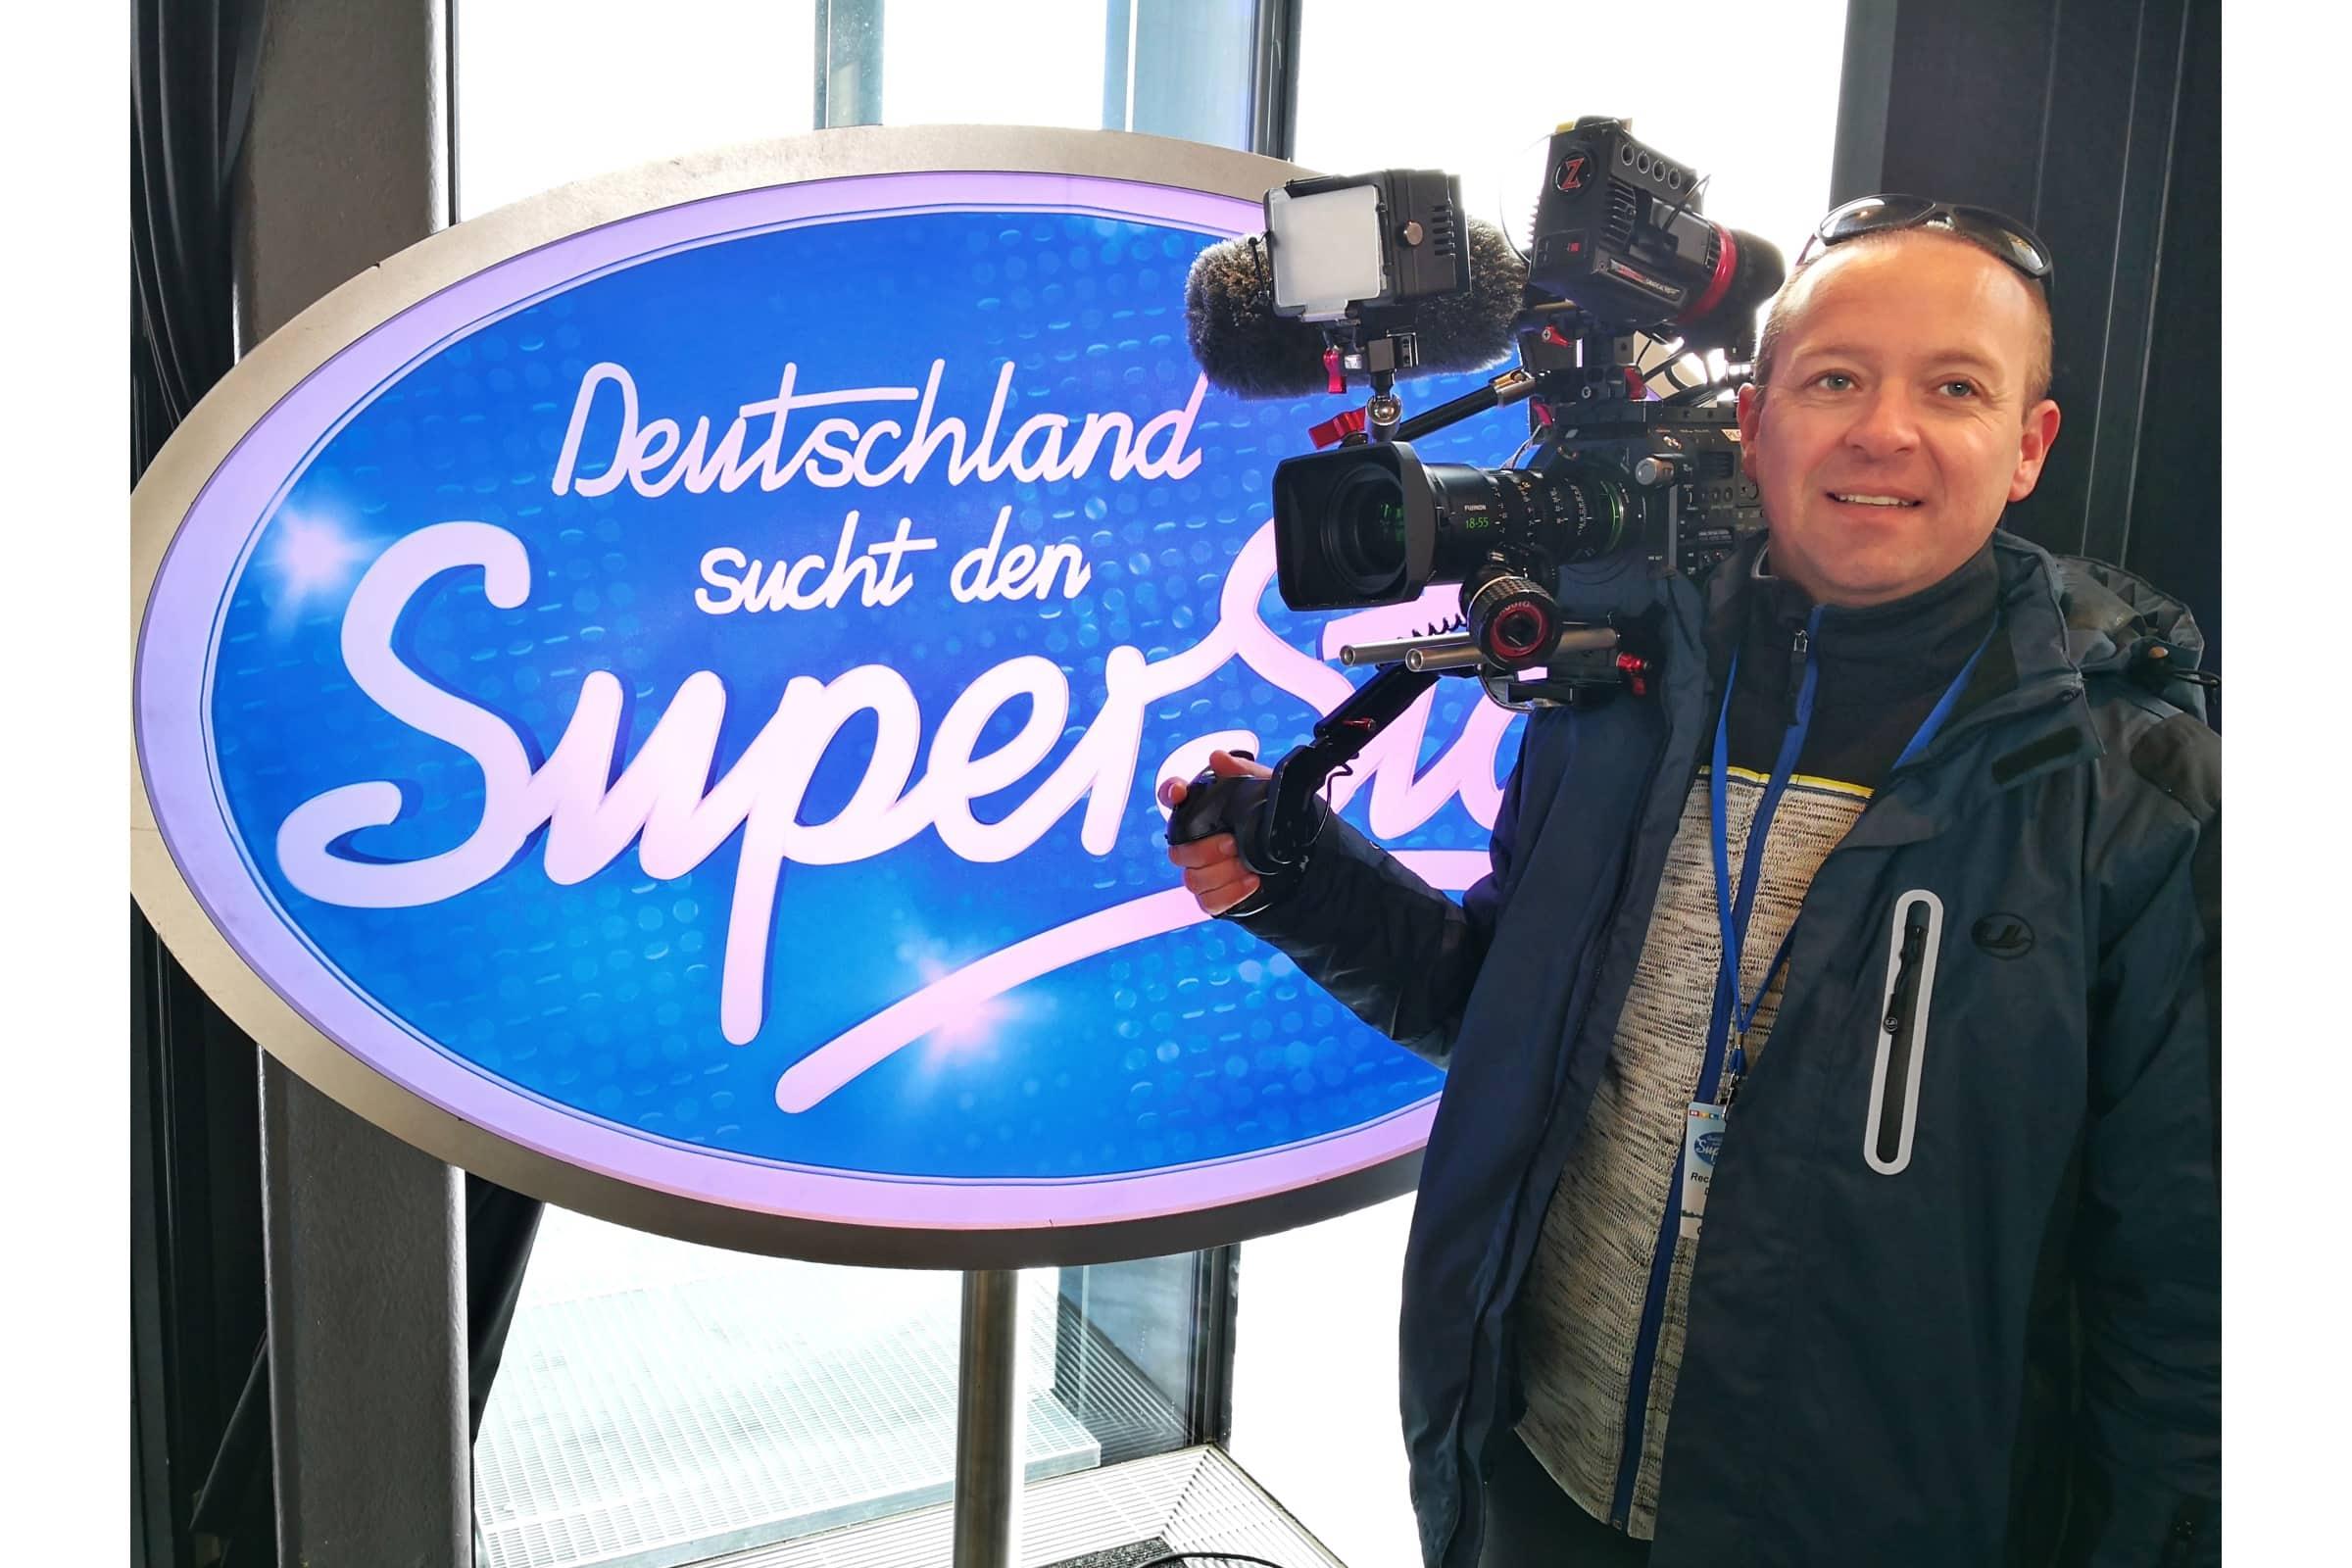 andreas felder kameramann dreharbeiten DSDS2020 RTL 04 07.10.2019 14 24 32 1 - RTL DSDS Deutschland sucht den Superstar 2020